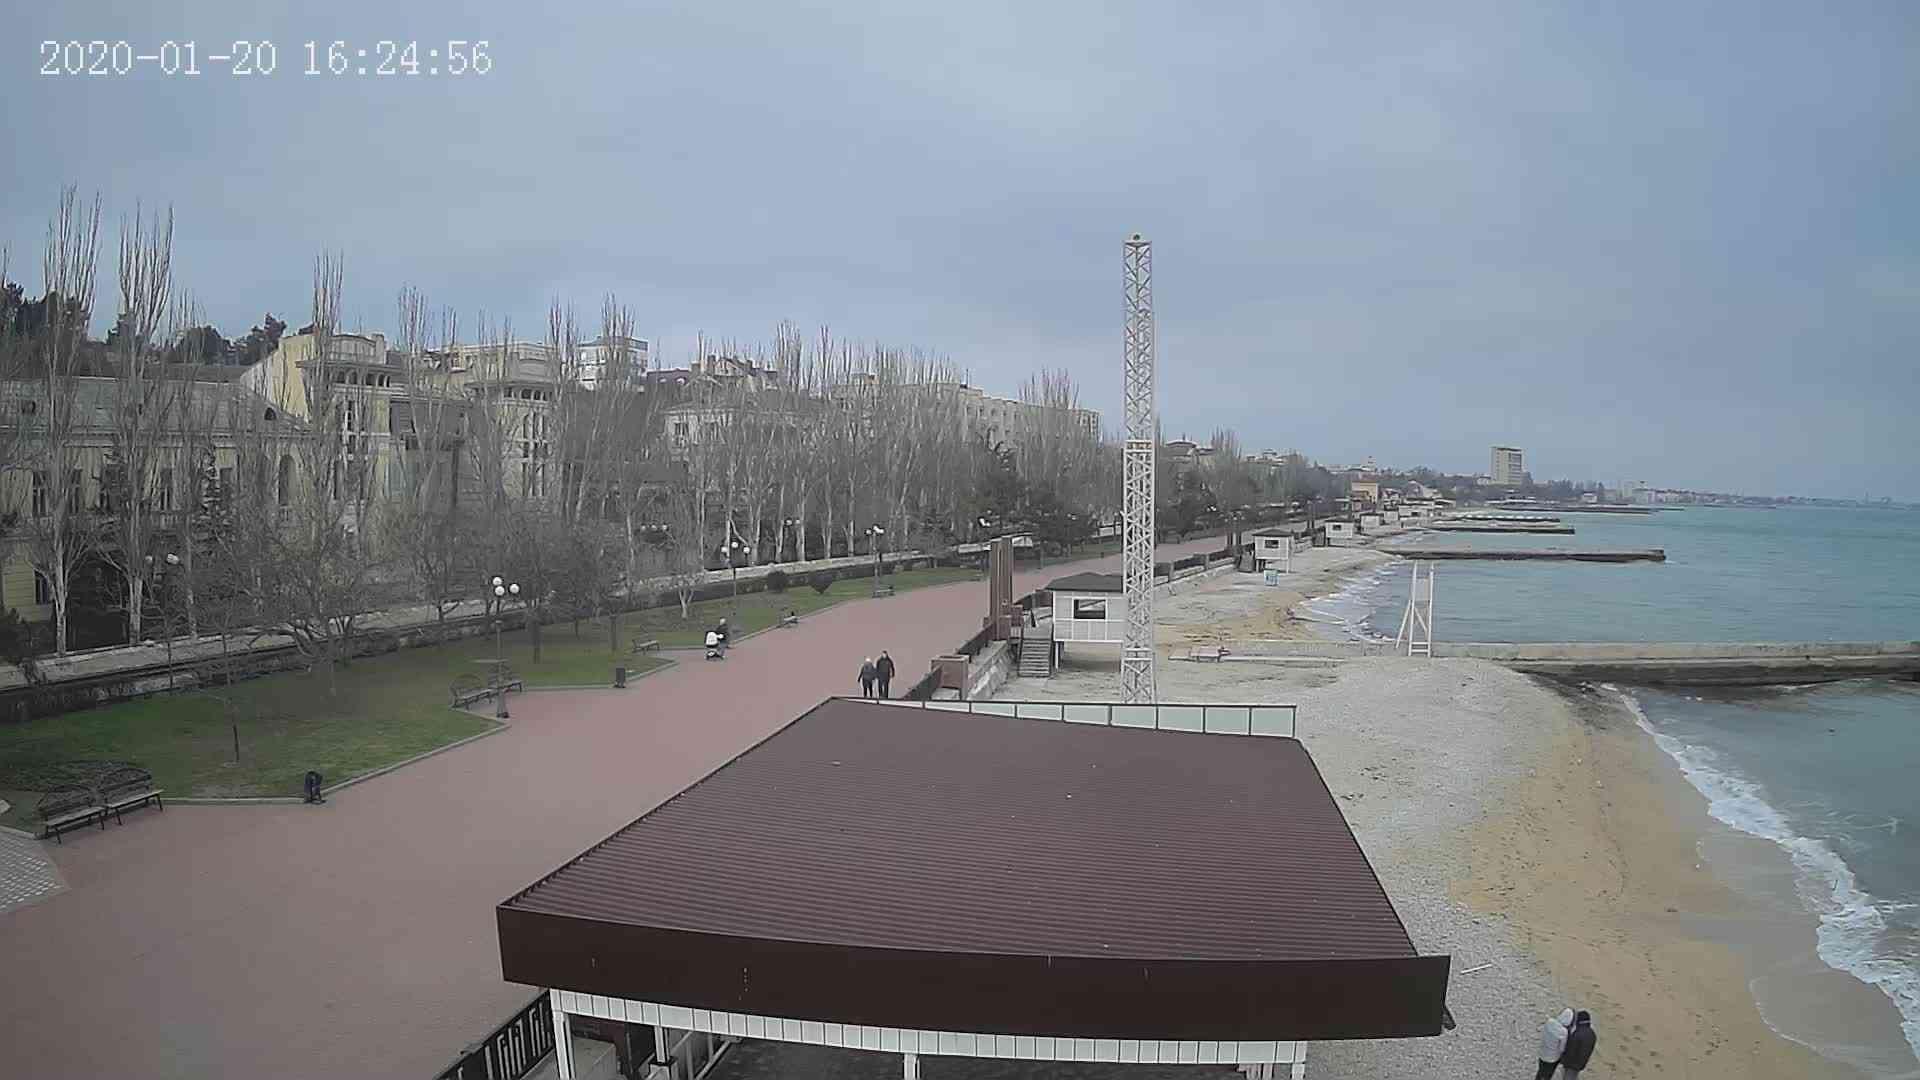 Веб-камеры Феодосии, Пляж Камешки, 2020-01-20 16:25:21